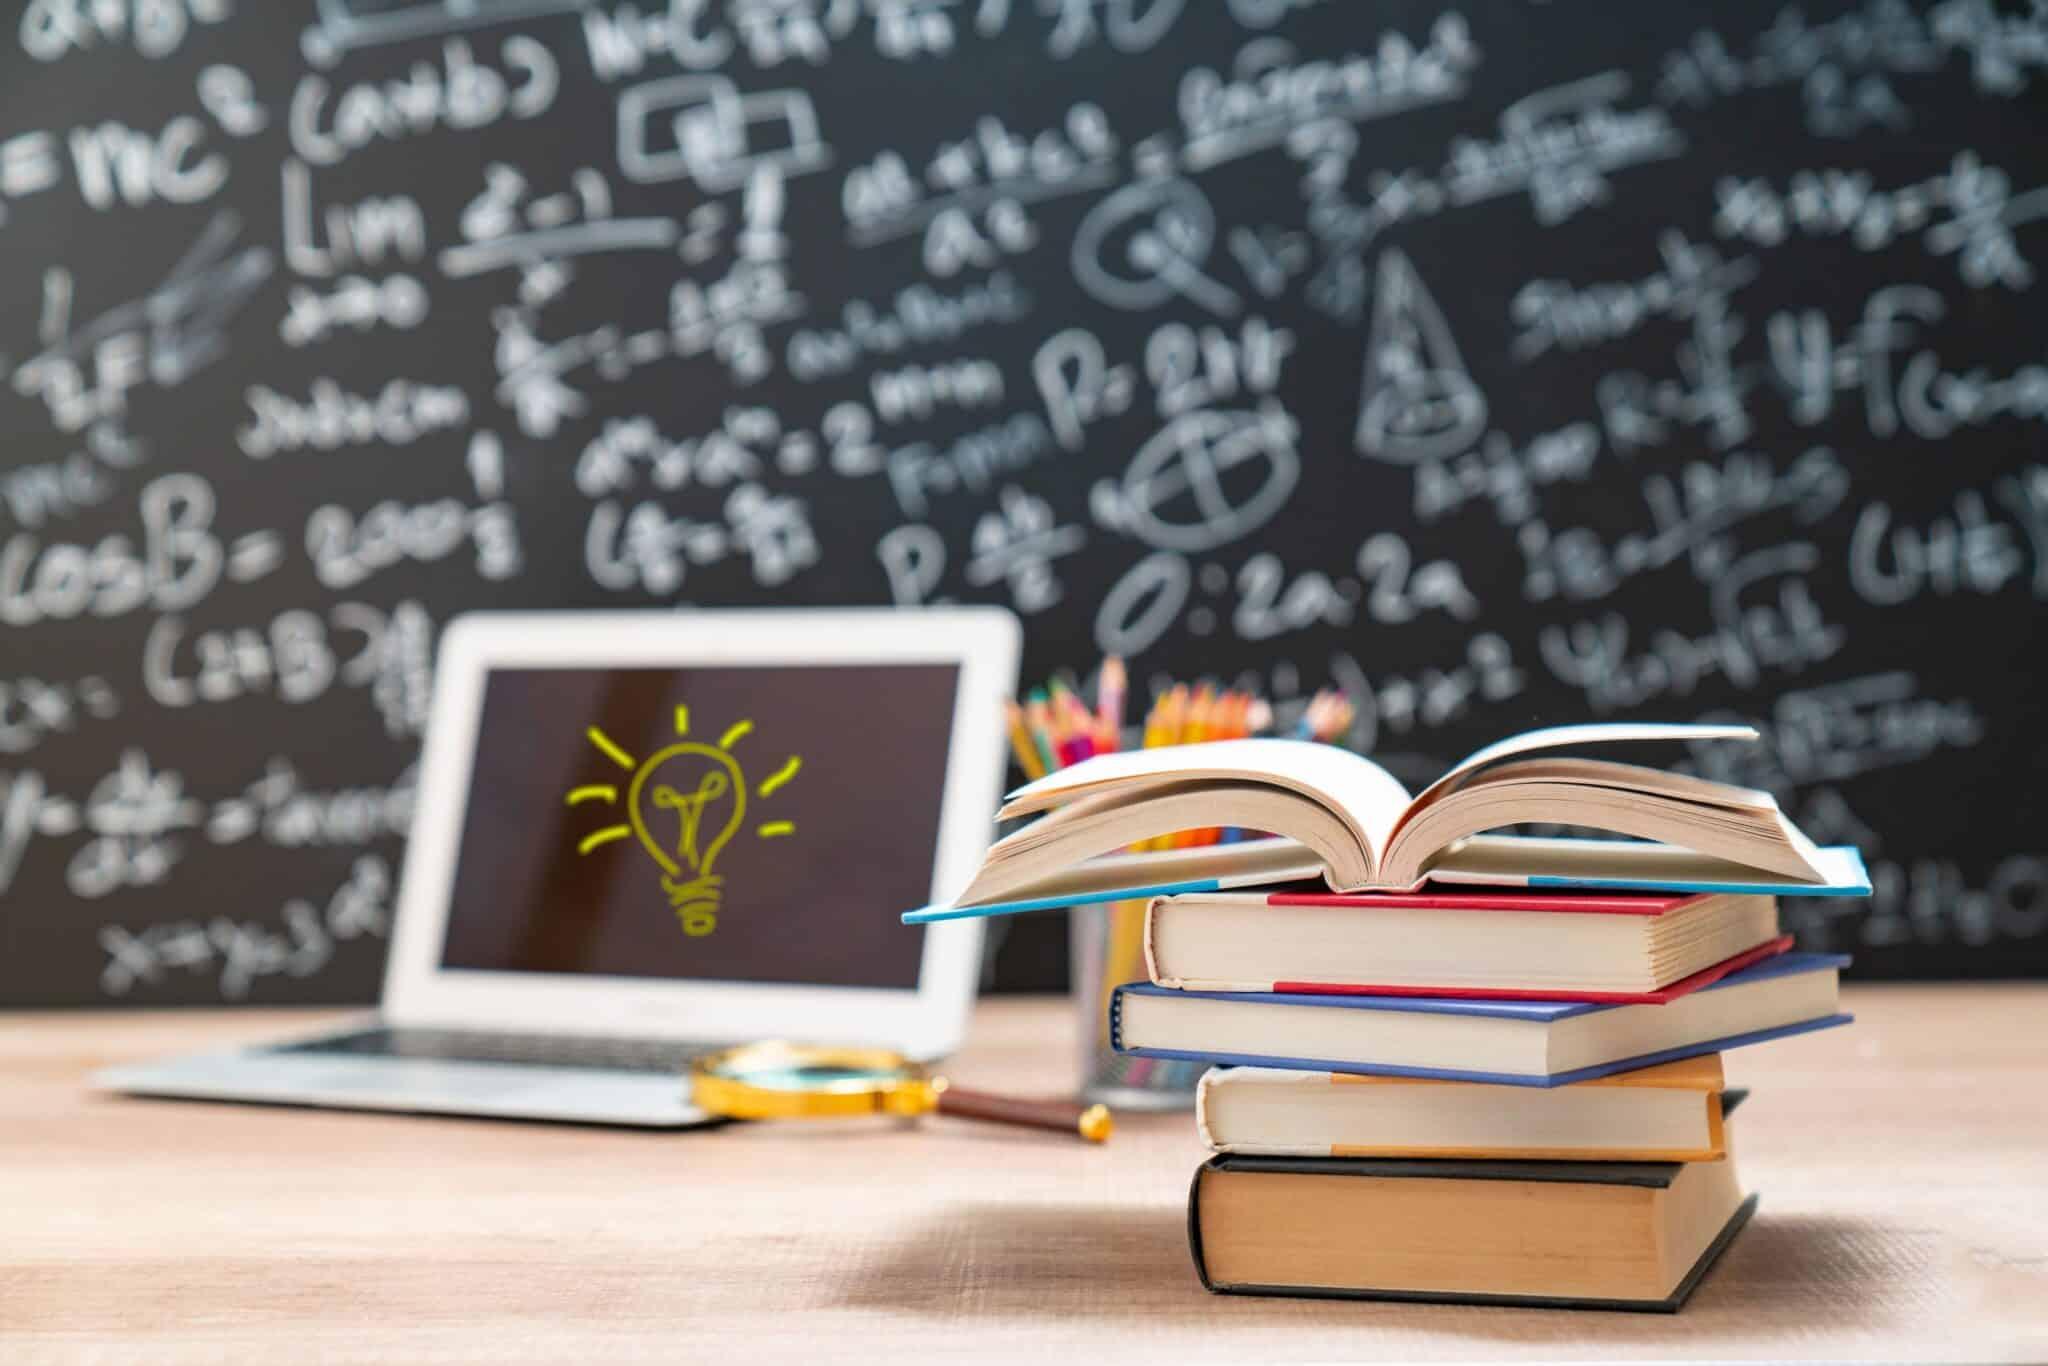 Metodologías que destacan en educación   EDUCACIÓN 3.0